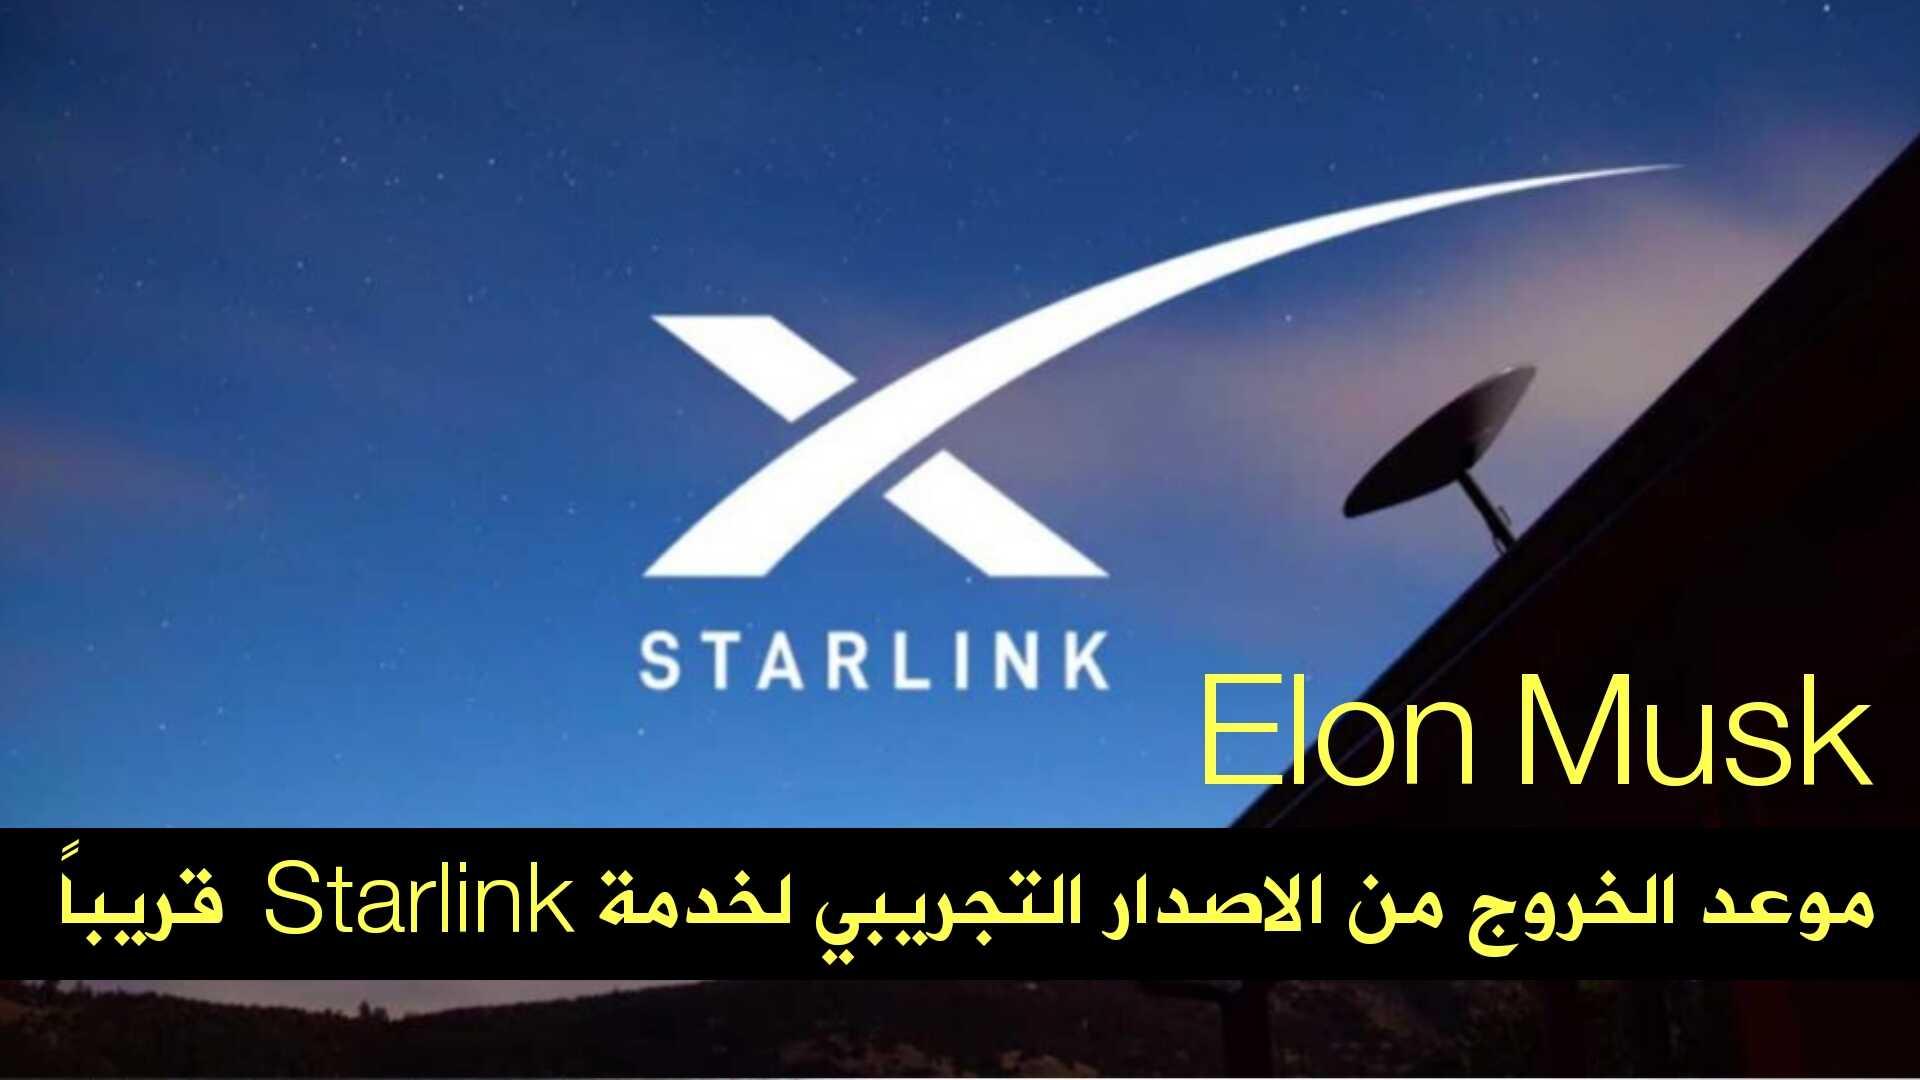 يقول Elon Musk قريباً الخروج من الاصدار التجريبي Starlink